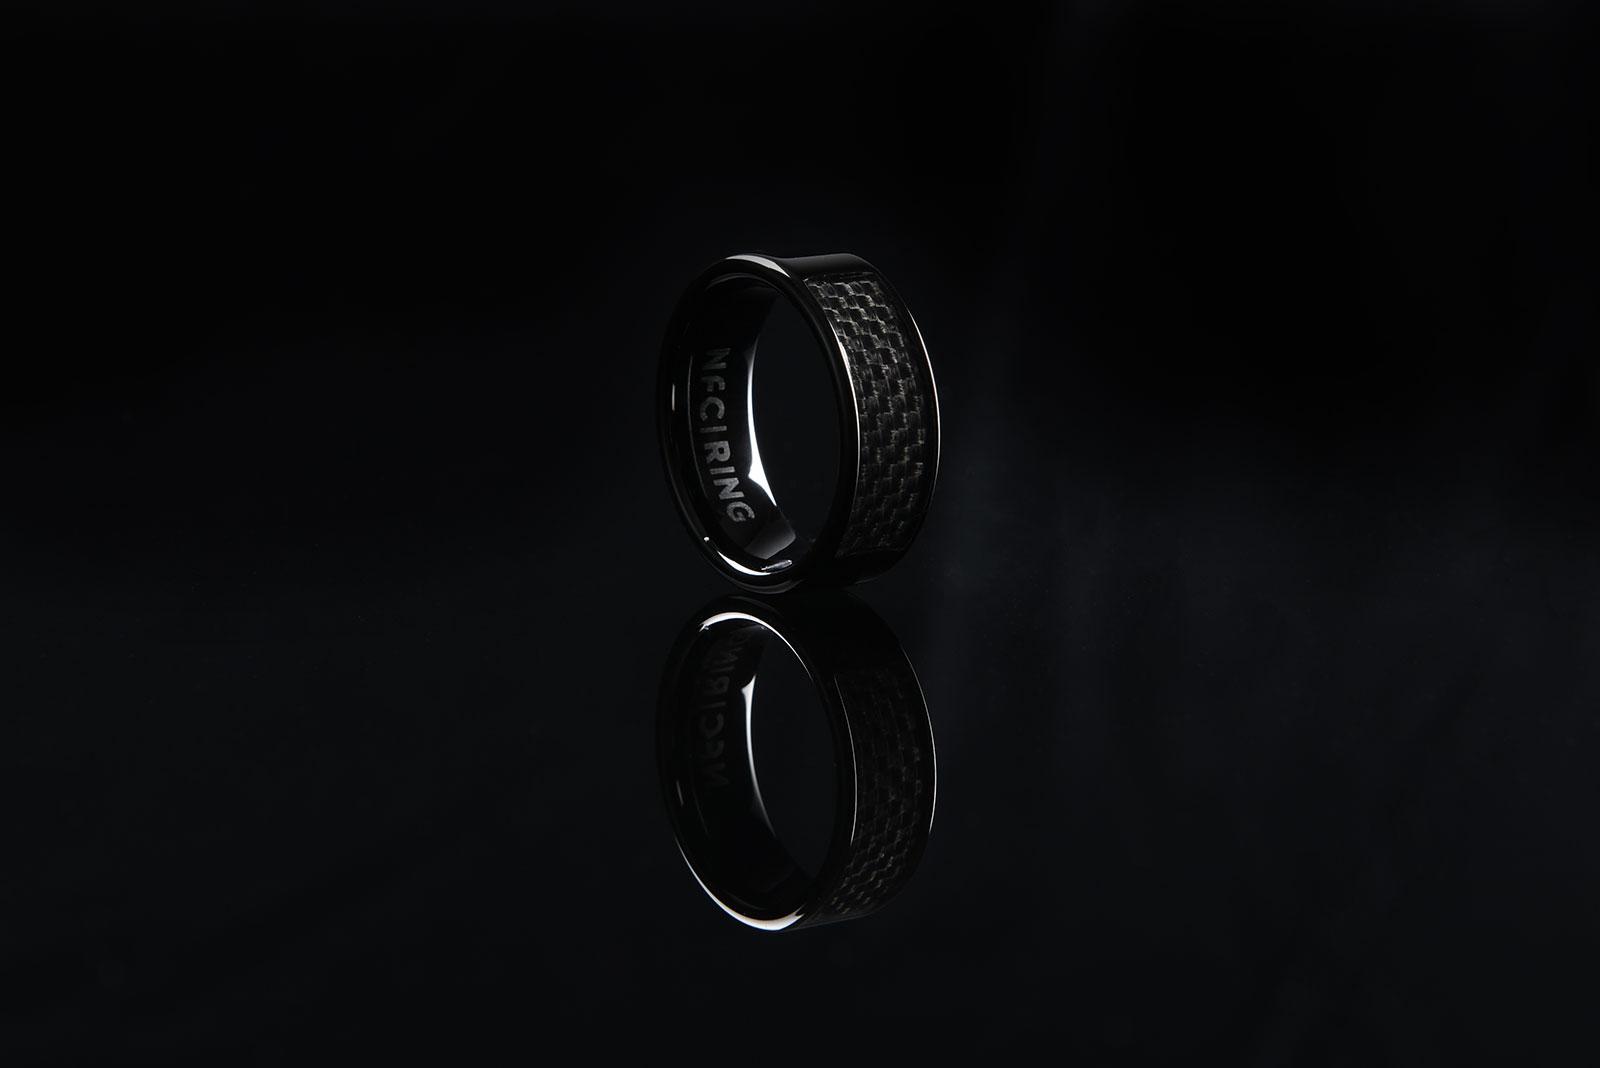 Pagar con un anillo será posible, y ya comenzó la preventa